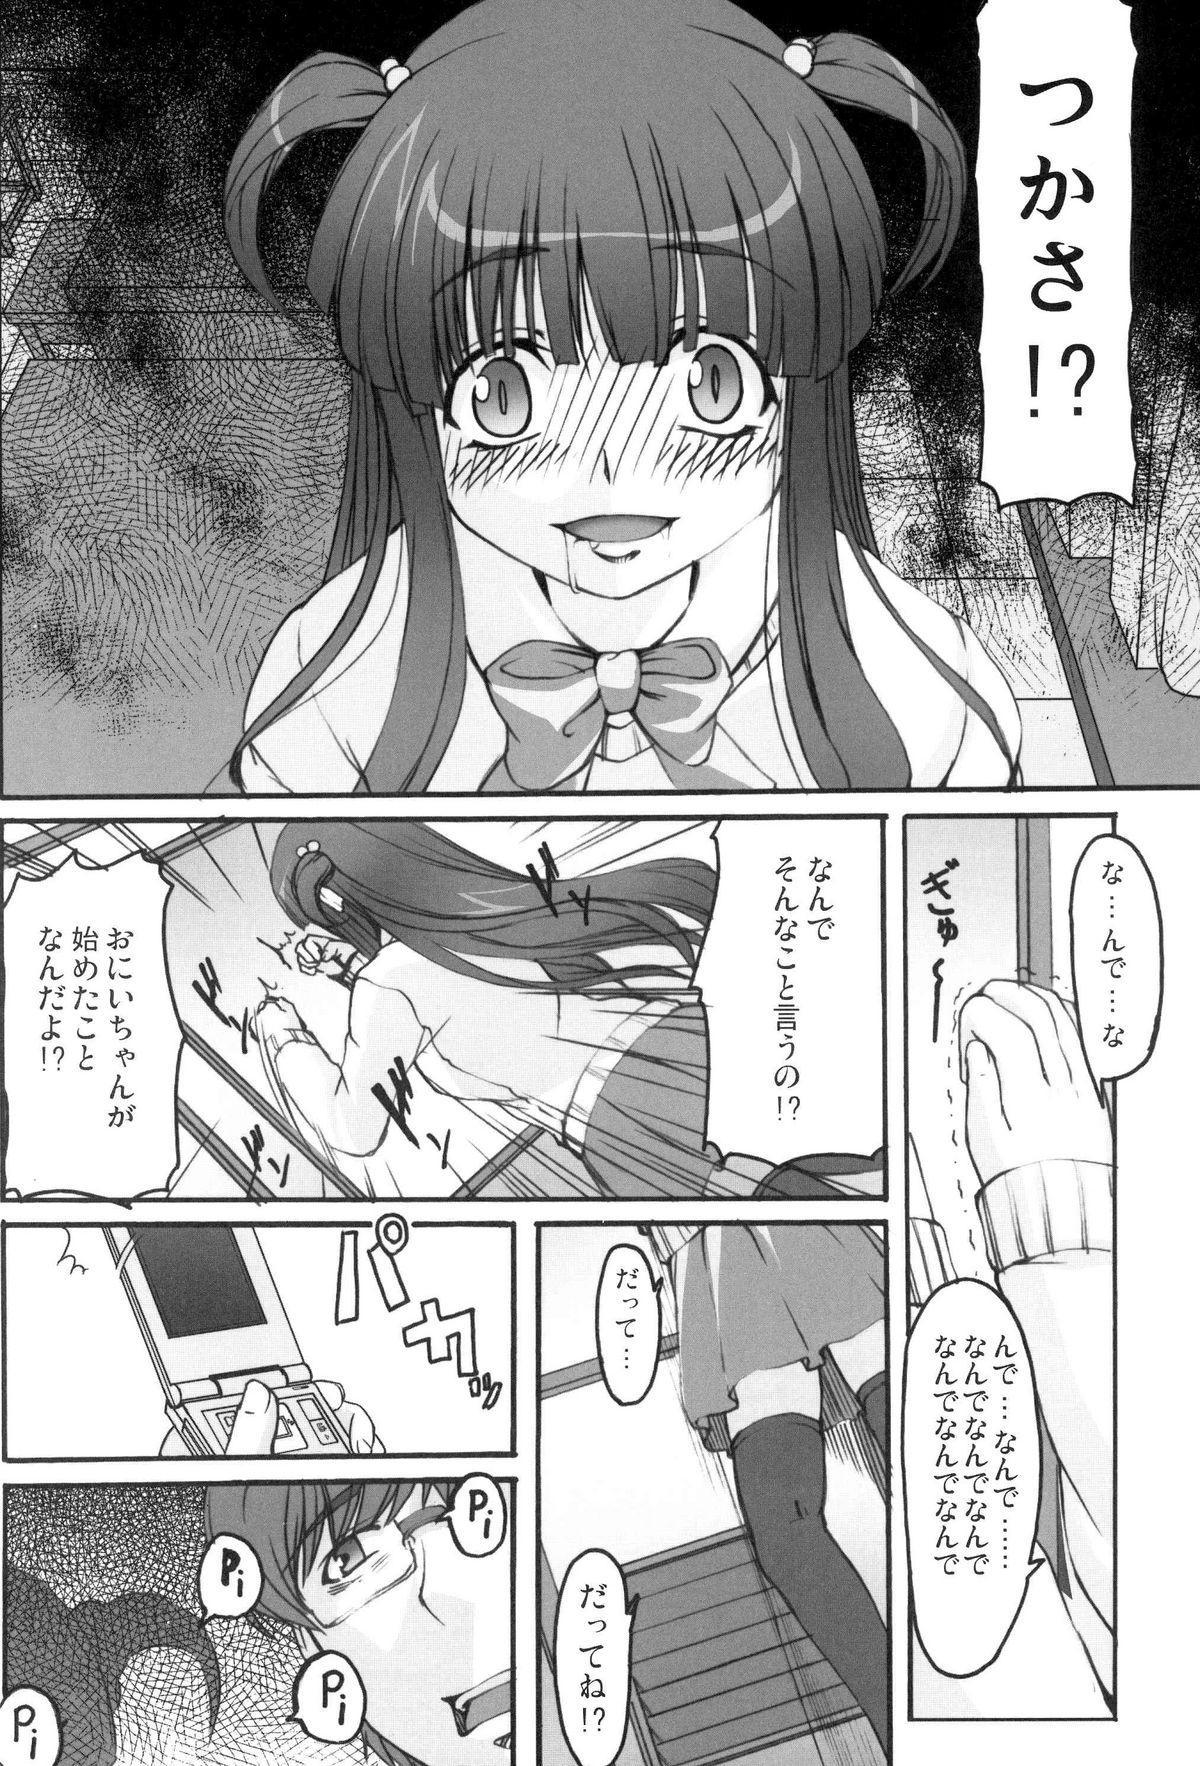 Tsukasa Blog 6